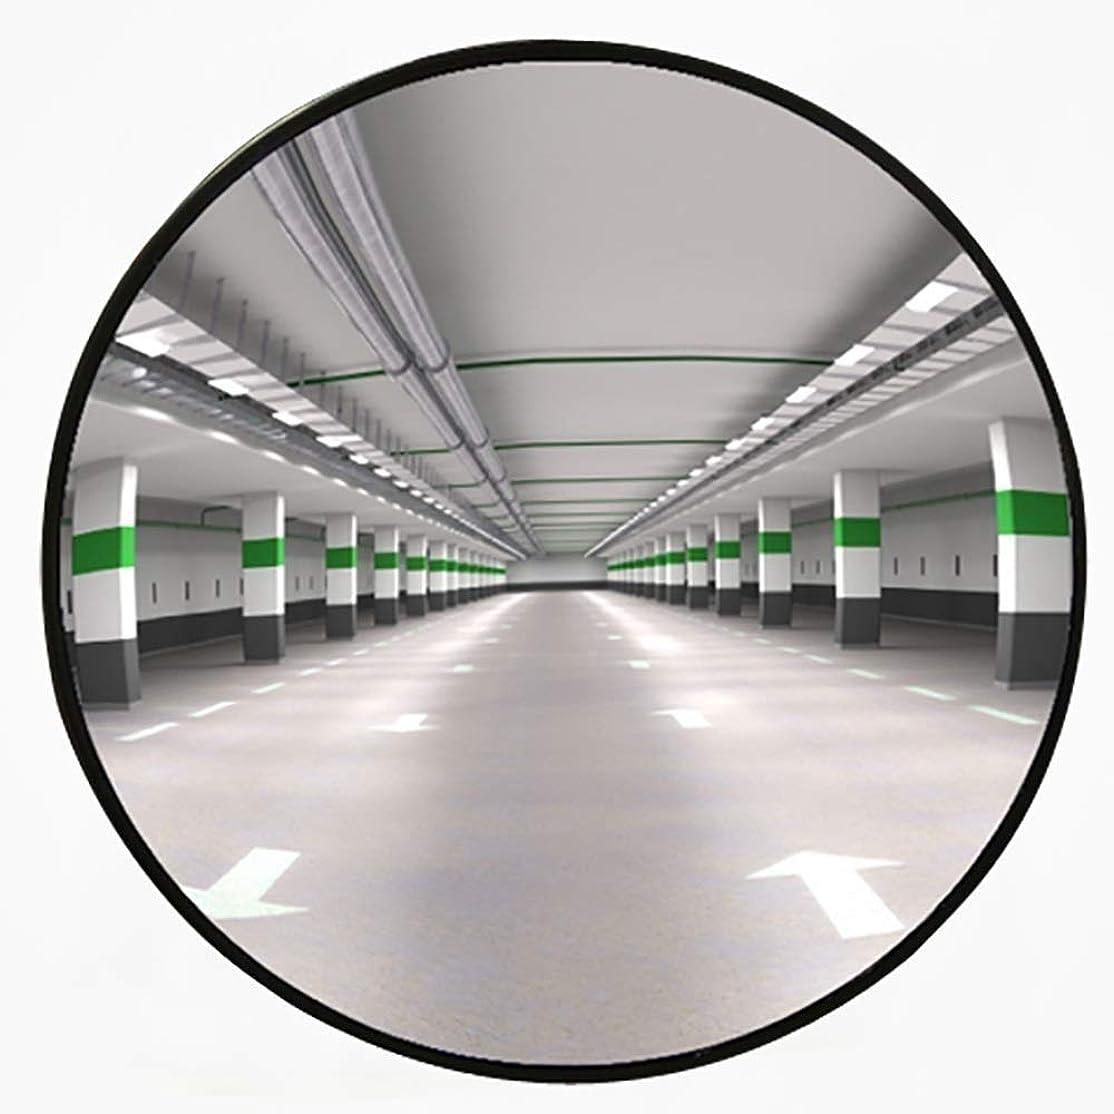 移行一見の間でGeng カーブミラー パノラマミラー、室内広角レンズスーパー盗難防止ミラー、ロードミラーコーナーミラー安全凸面鏡